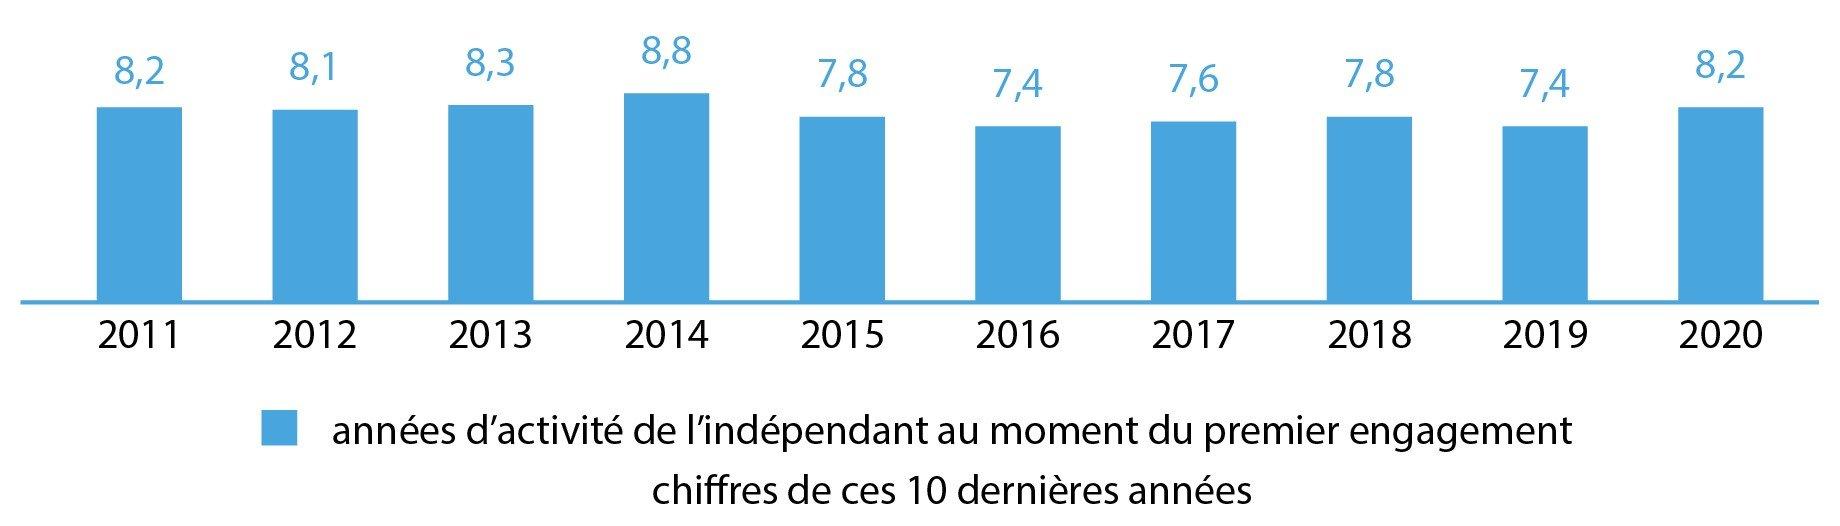 années d'activité de l'indépendant au moment du premier engagement, chiffres de ces 10 dernières années